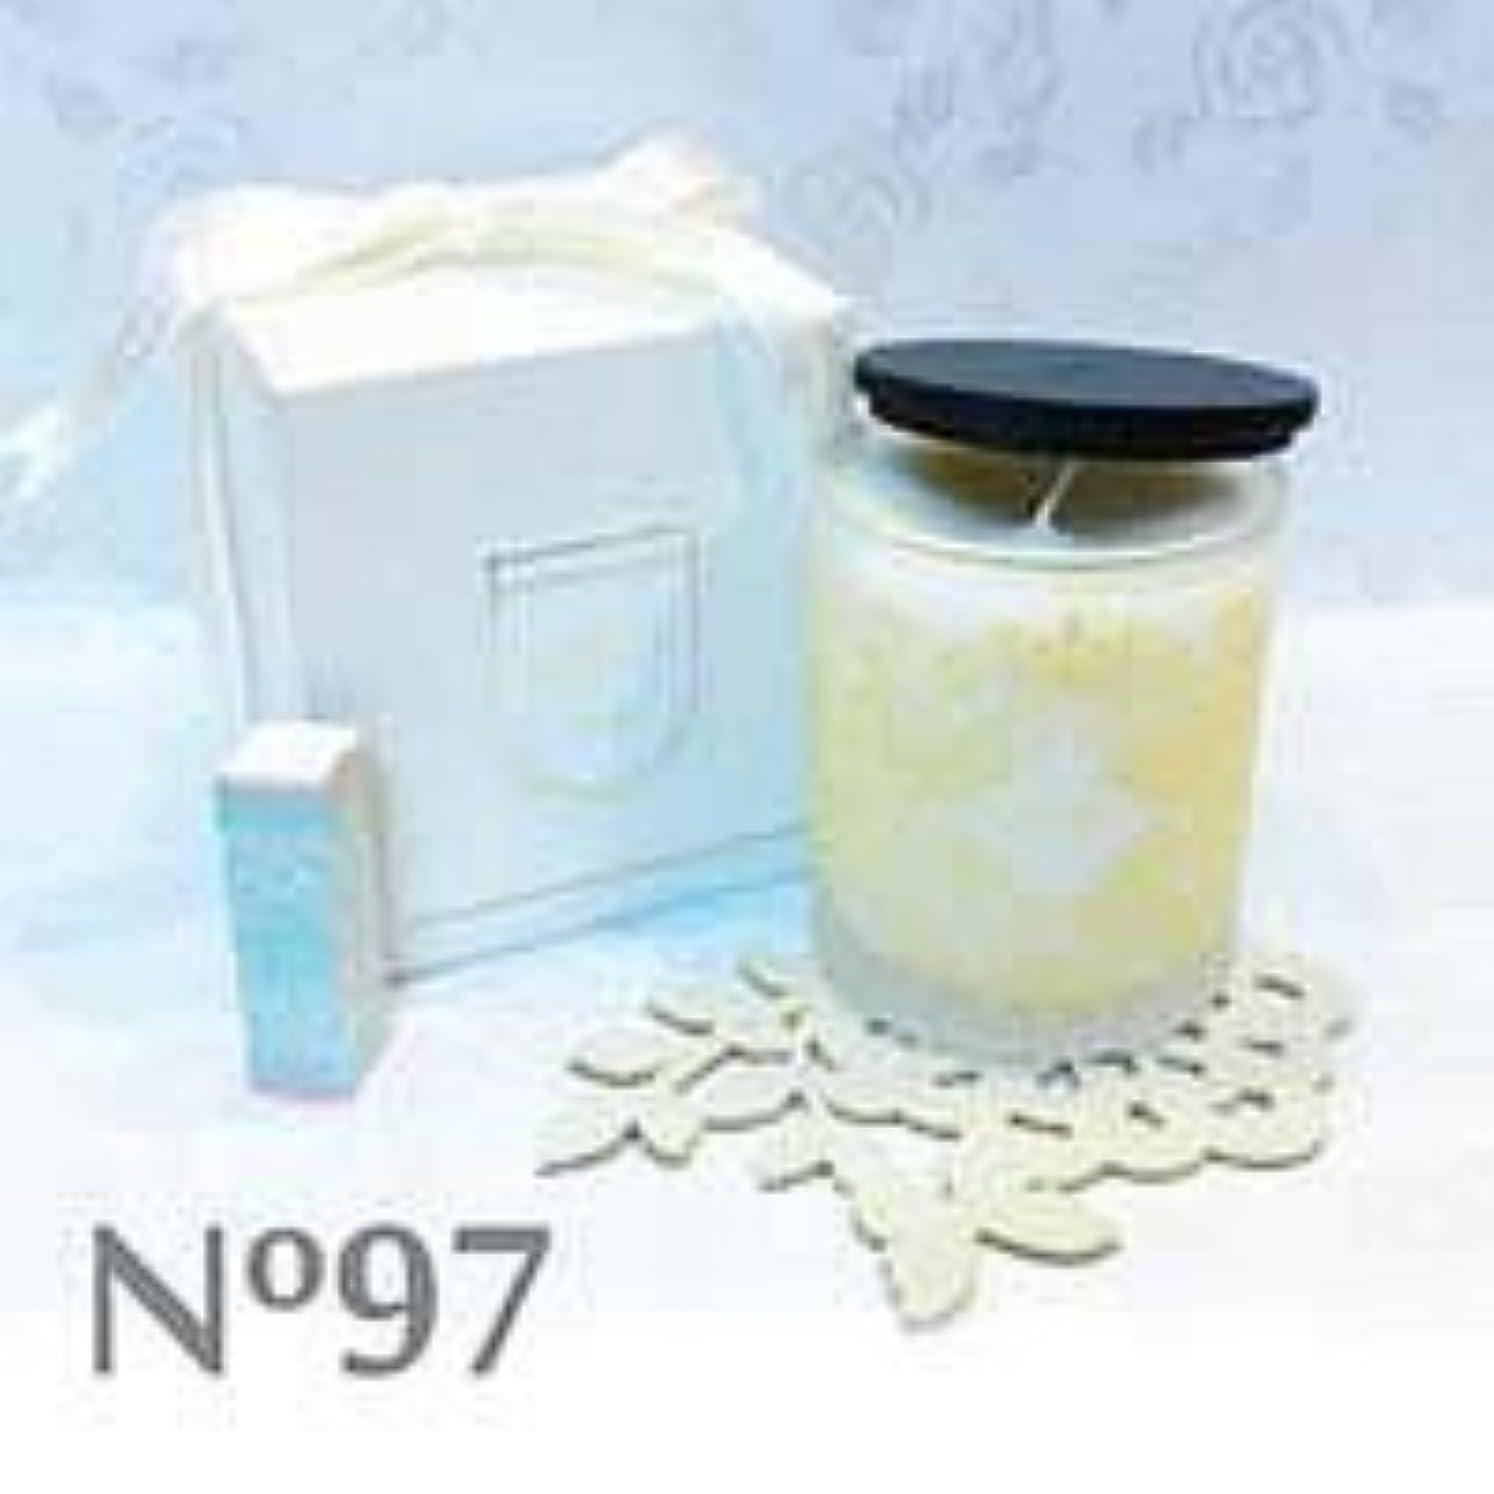 アロマキャンドル parfum No.97